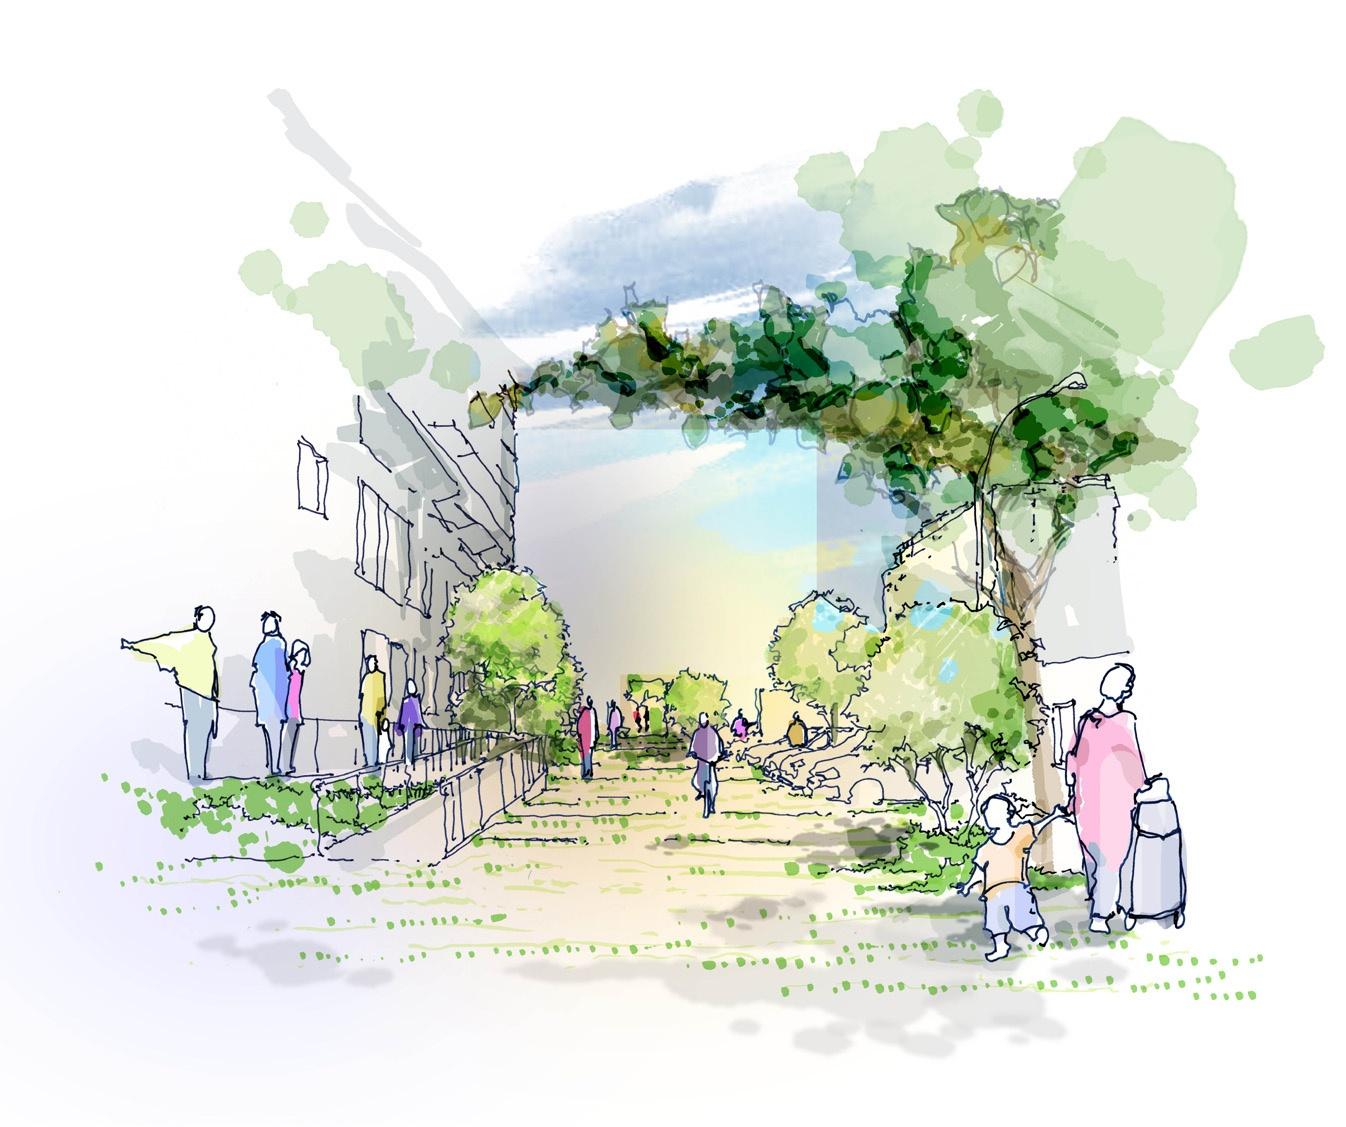 Vue d'artiste du futur bâtiment de la Résidence Greffulhe